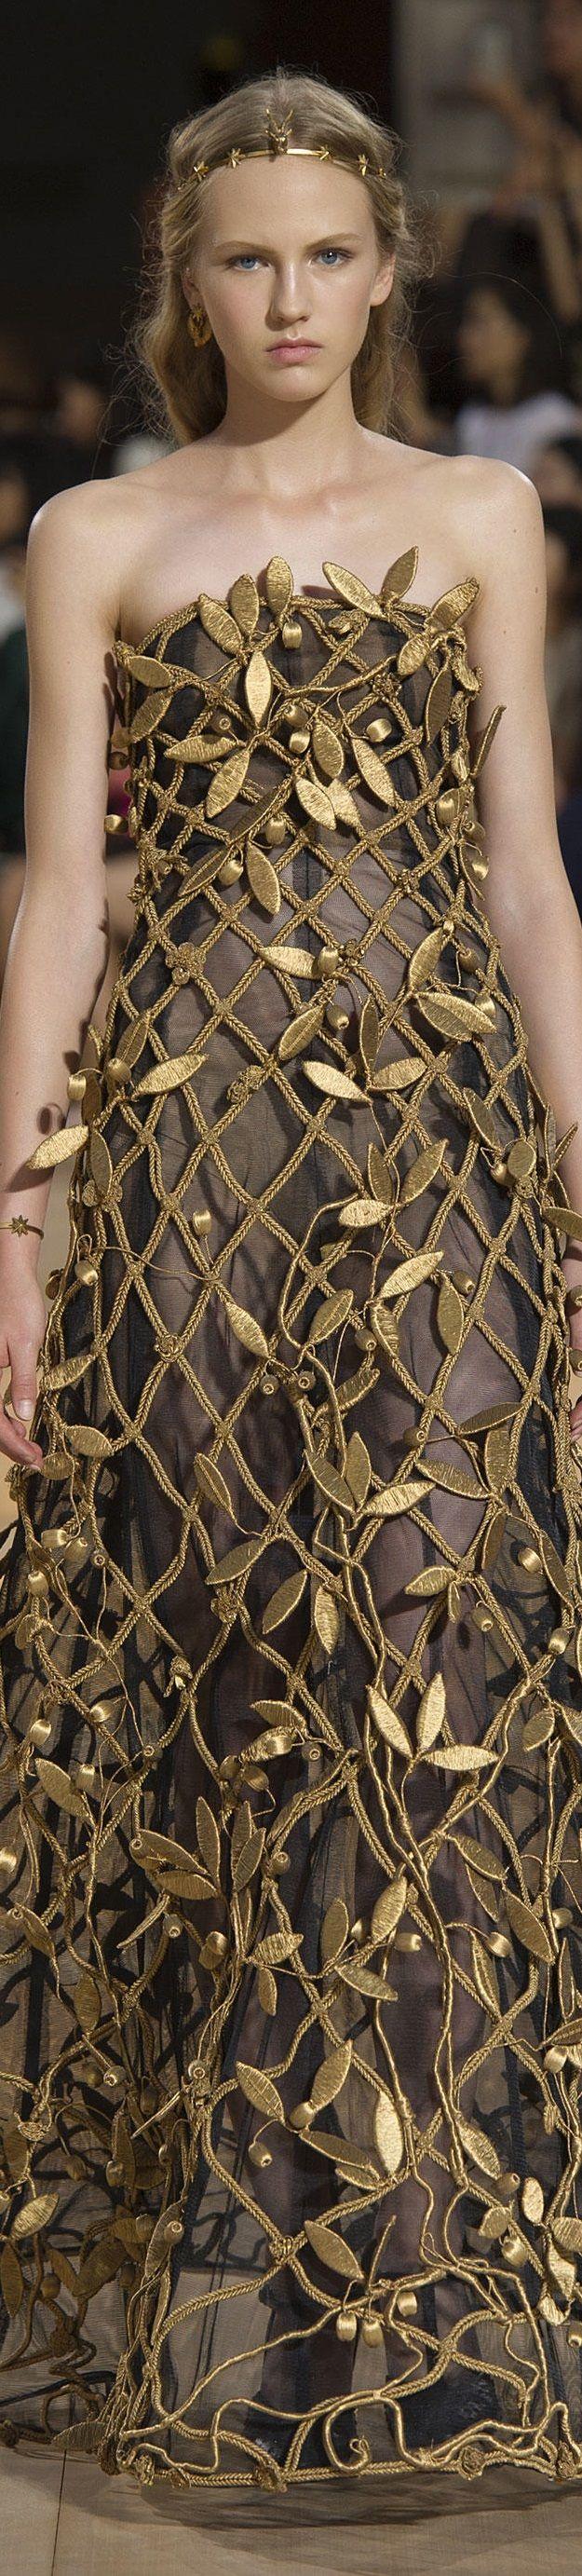 #Farbbberatung #Stilberatung #Farbenreich mit www.farben-reich.com Valentino FW 2015 couture www.valentino.com